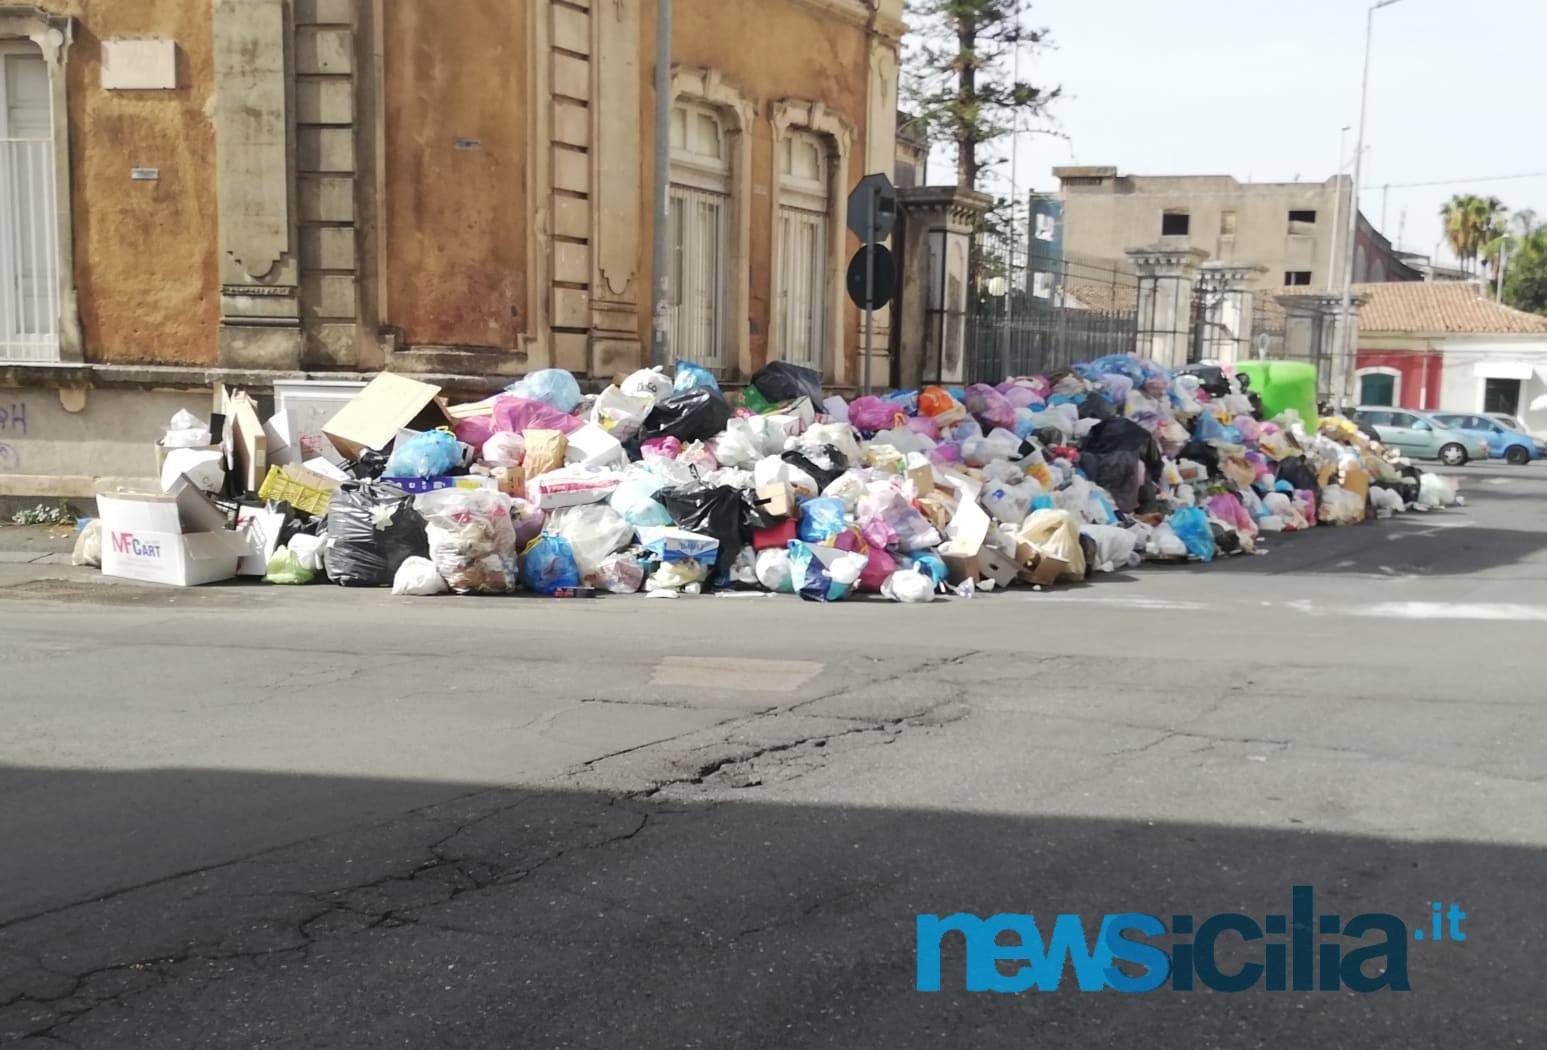 Emergenza rifiuti, la Regione porta l'immondizia di Catania a Palermo: firmato il decreto